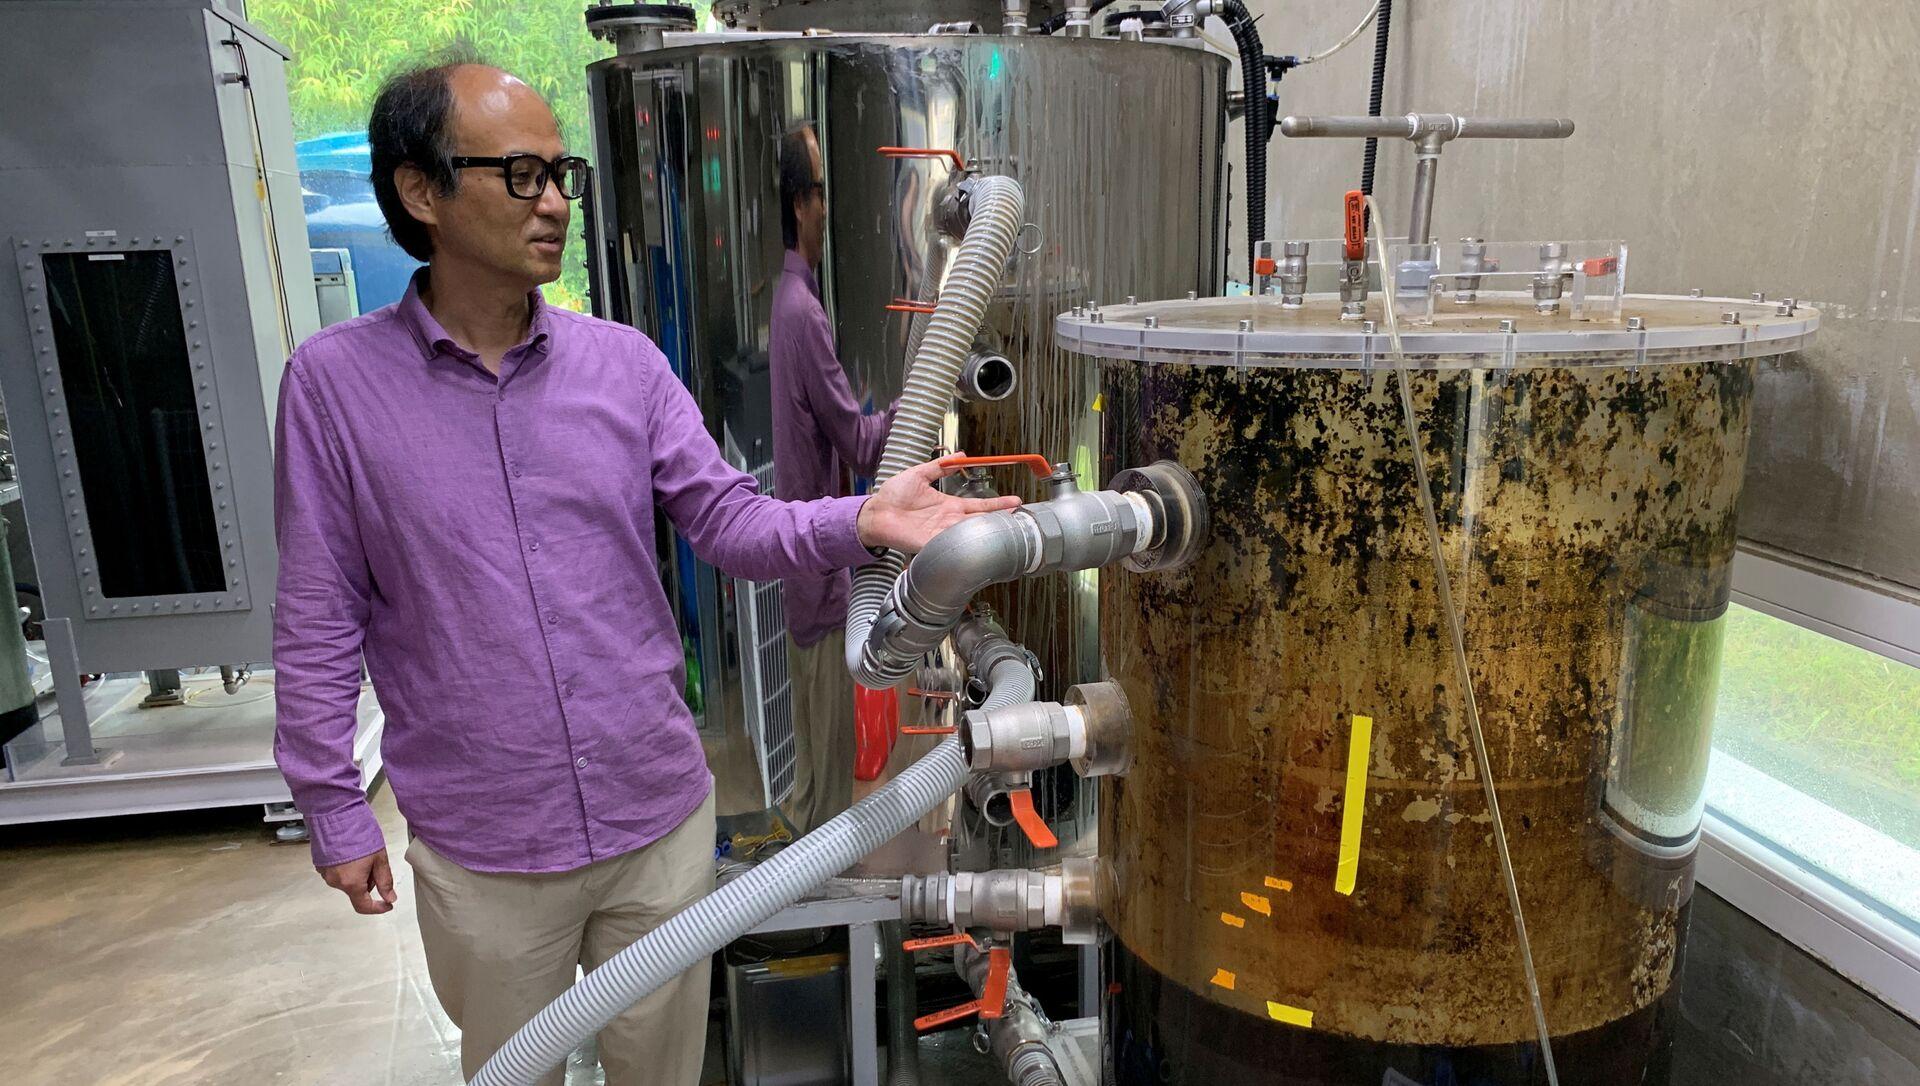 Giáo sư Cho Jae-weon đứng cạnh bể chứa phân trong phòng thí nghiệm ở Ulsan, Hàn Quốc - Sputnik Việt Nam, 1920, 10.07.2021